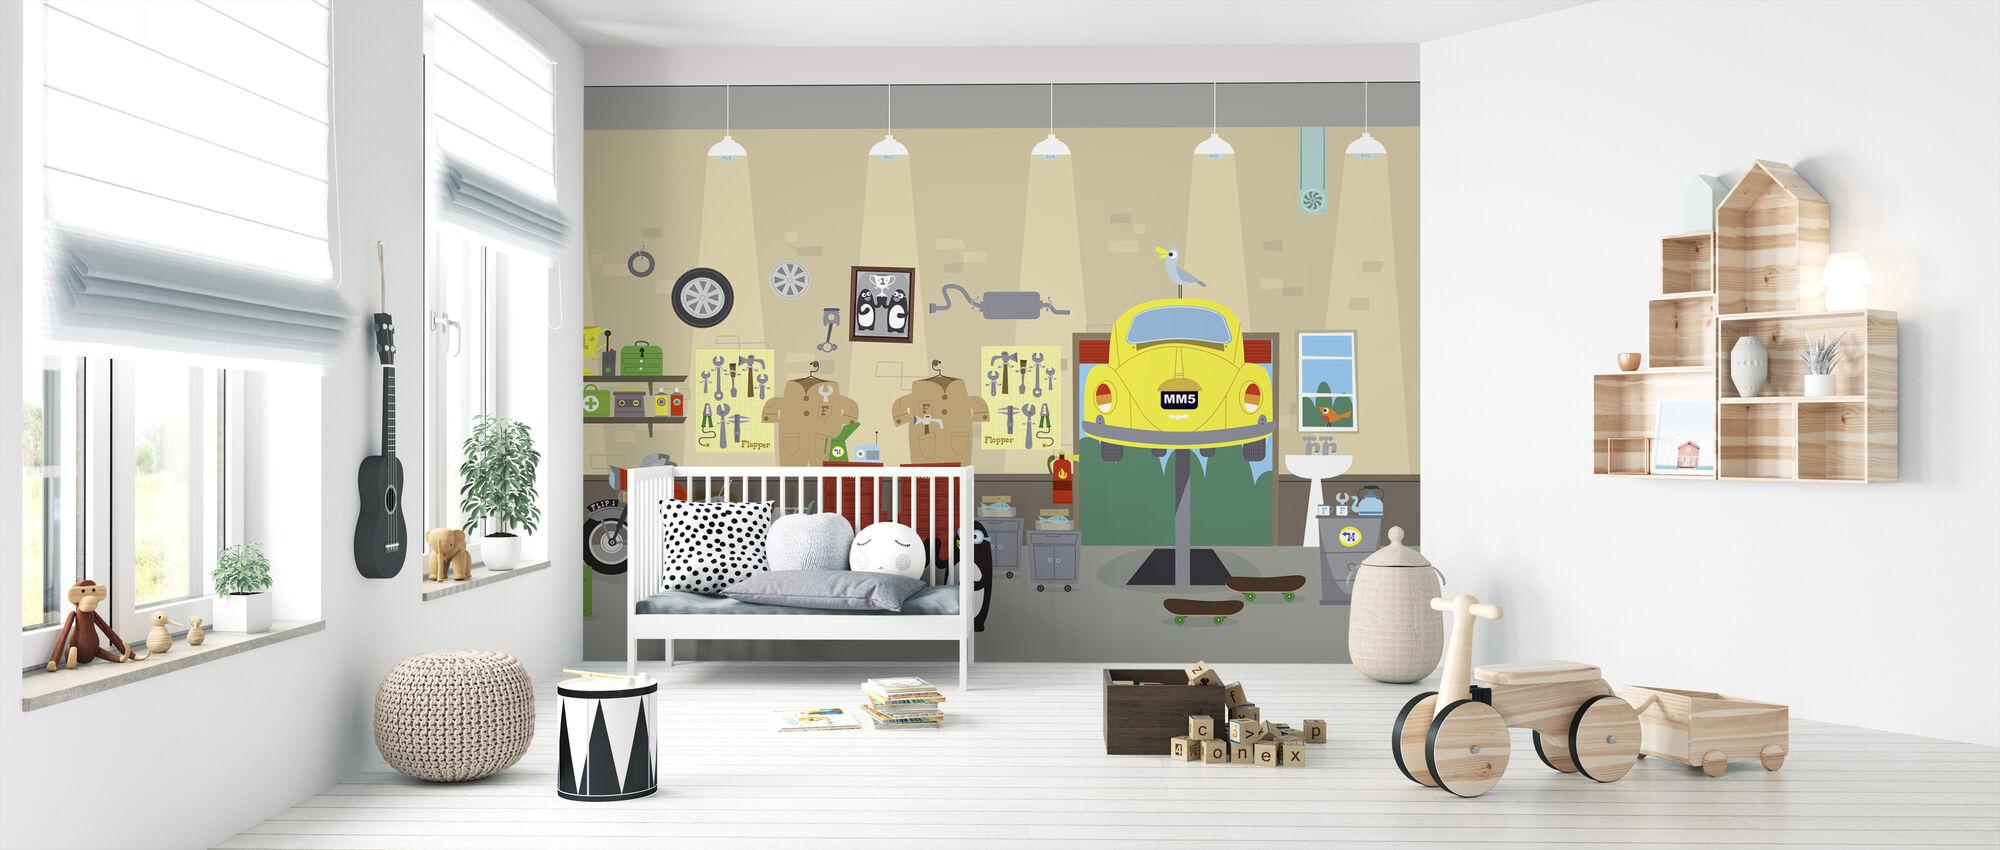 Flappa ja Floppa sisällä Mellow Motors - Tapetti - Vauvan huone